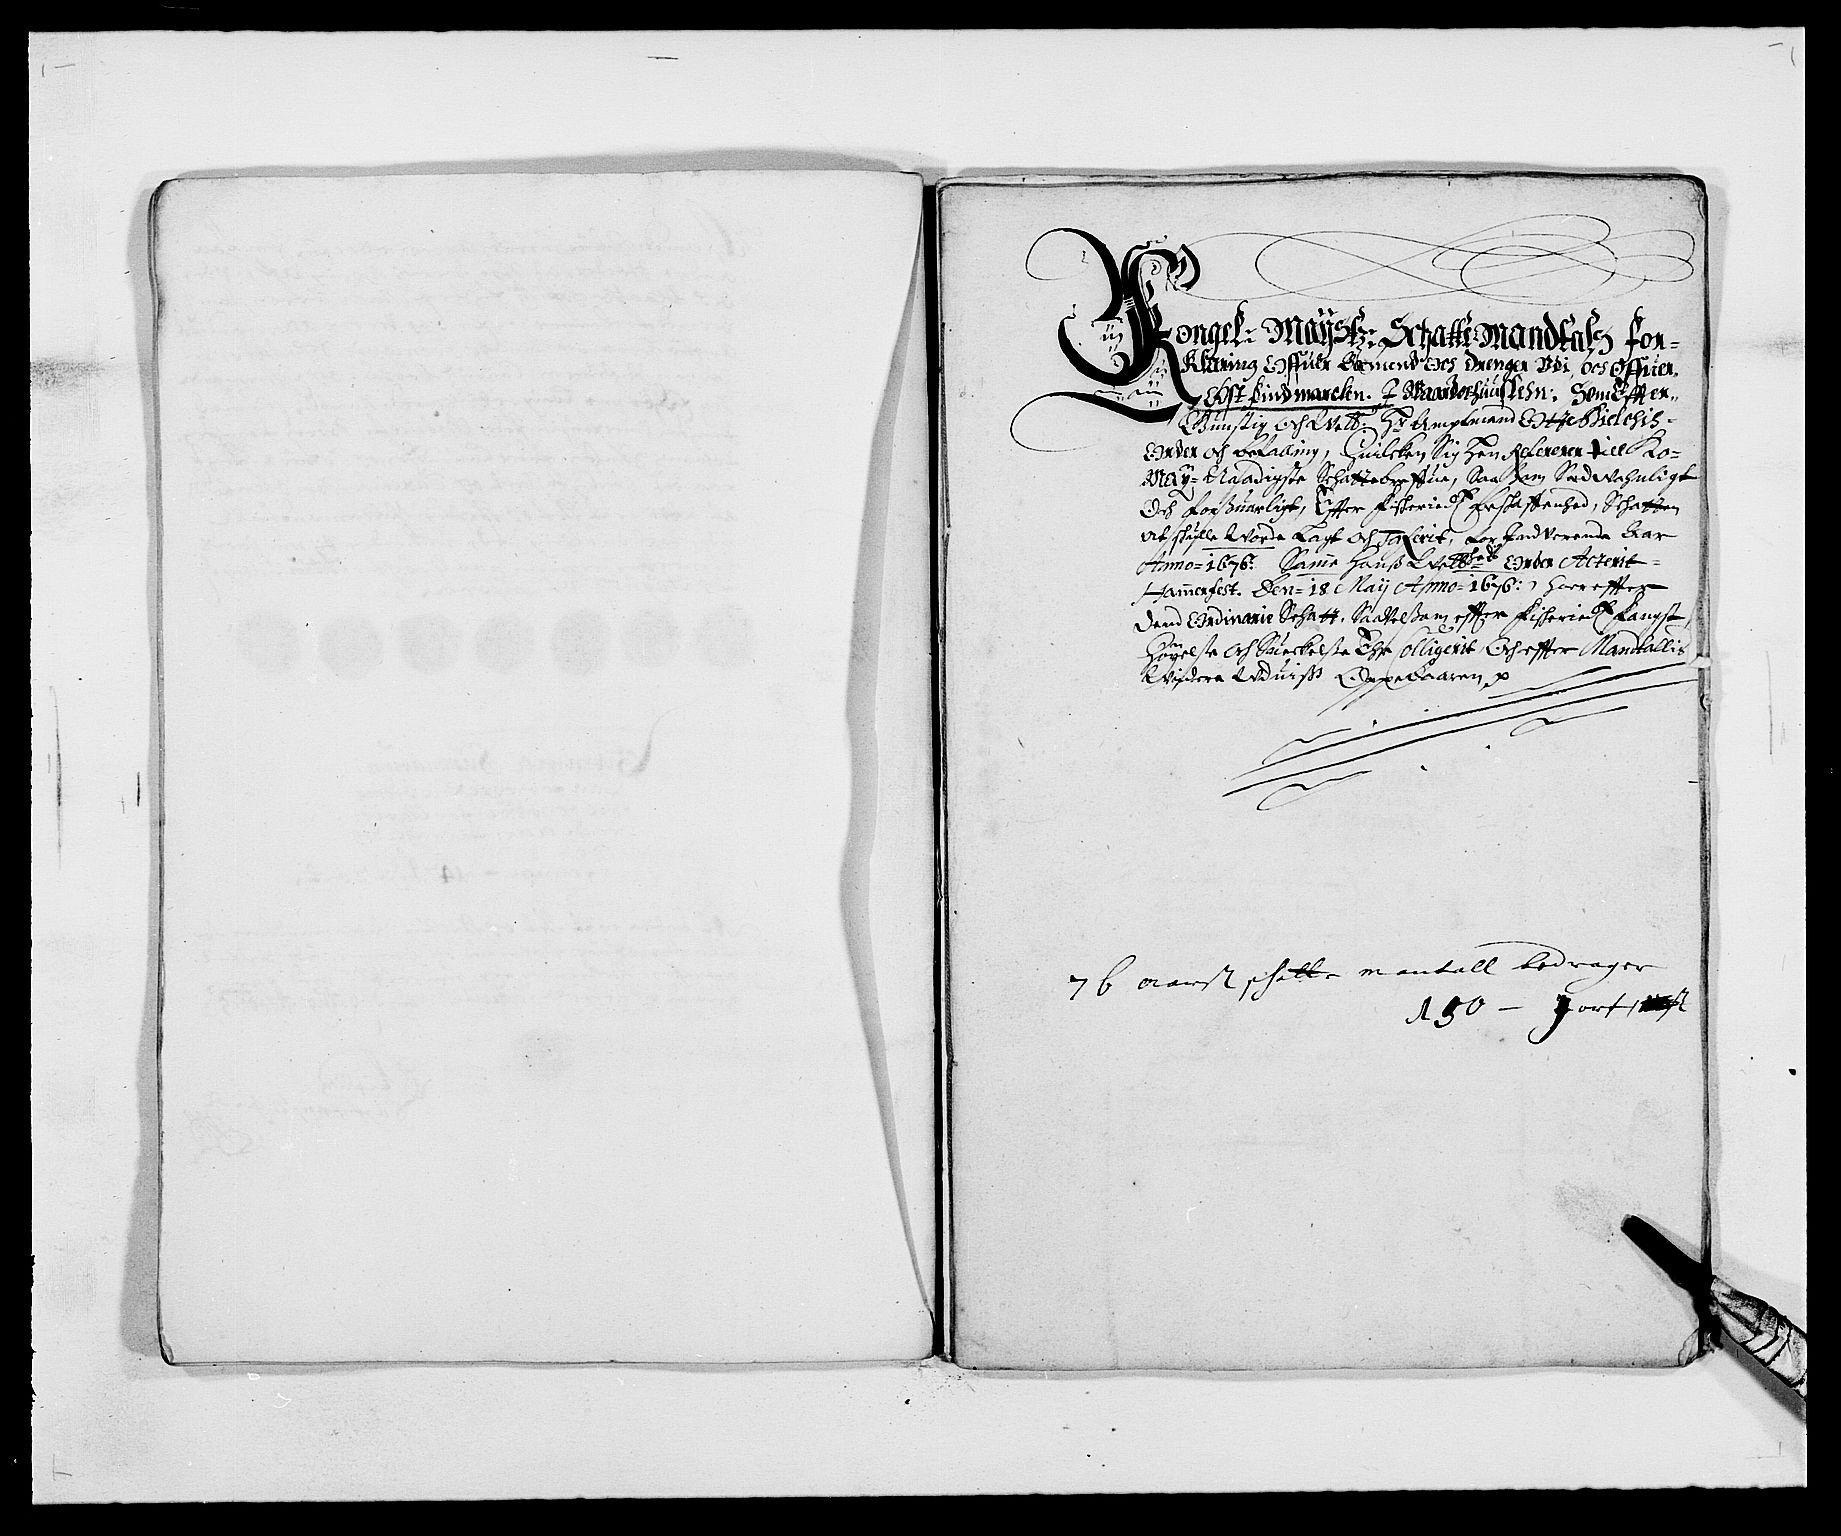 RA, Rentekammeret inntil 1814, Reviderte regnskaper, Fogderegnskap, R69/L4849: Fogderegnskap Finnmark/Vardøhus, 1661-1679, s. 342